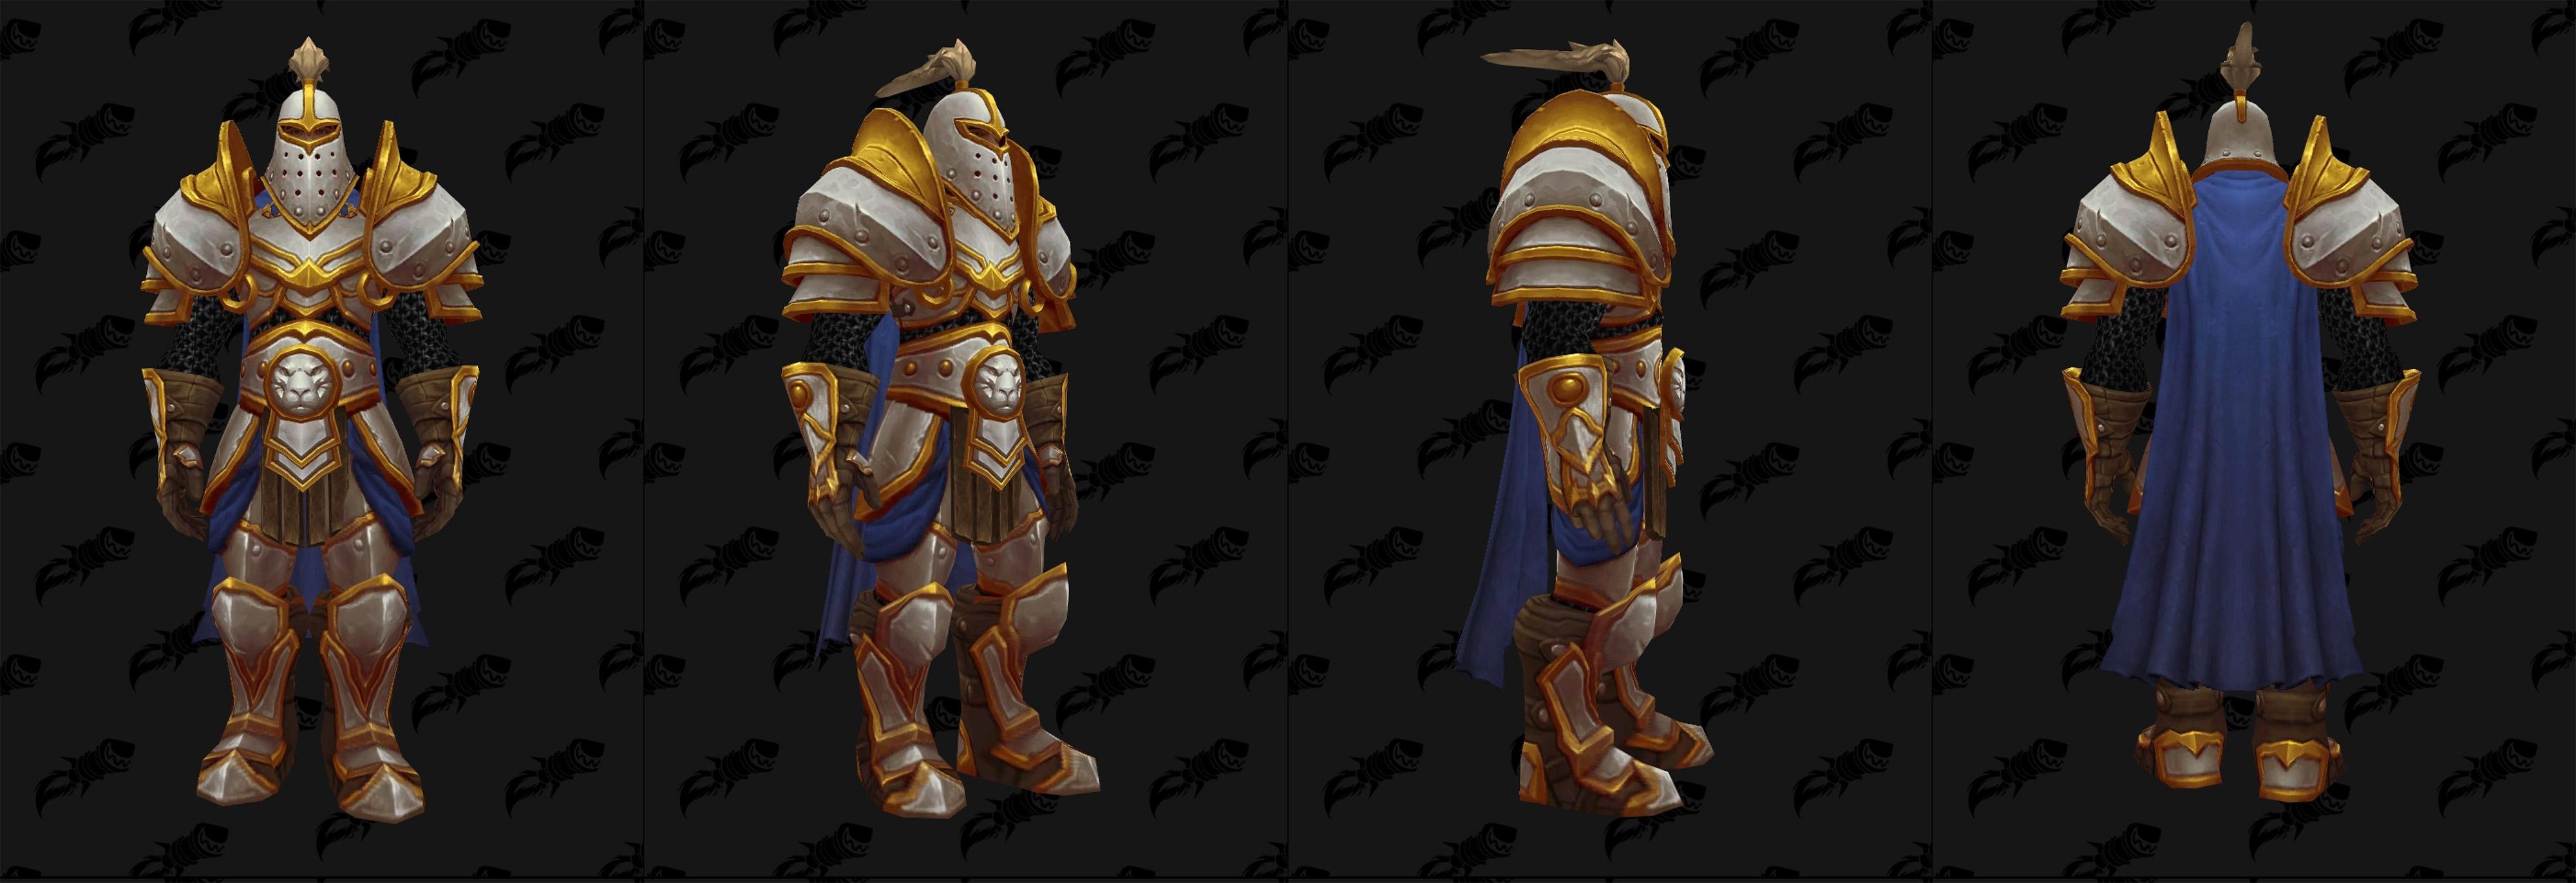 Armures plaques (Alliance) - Fronts de guerre Tier 2 - Coloris 1